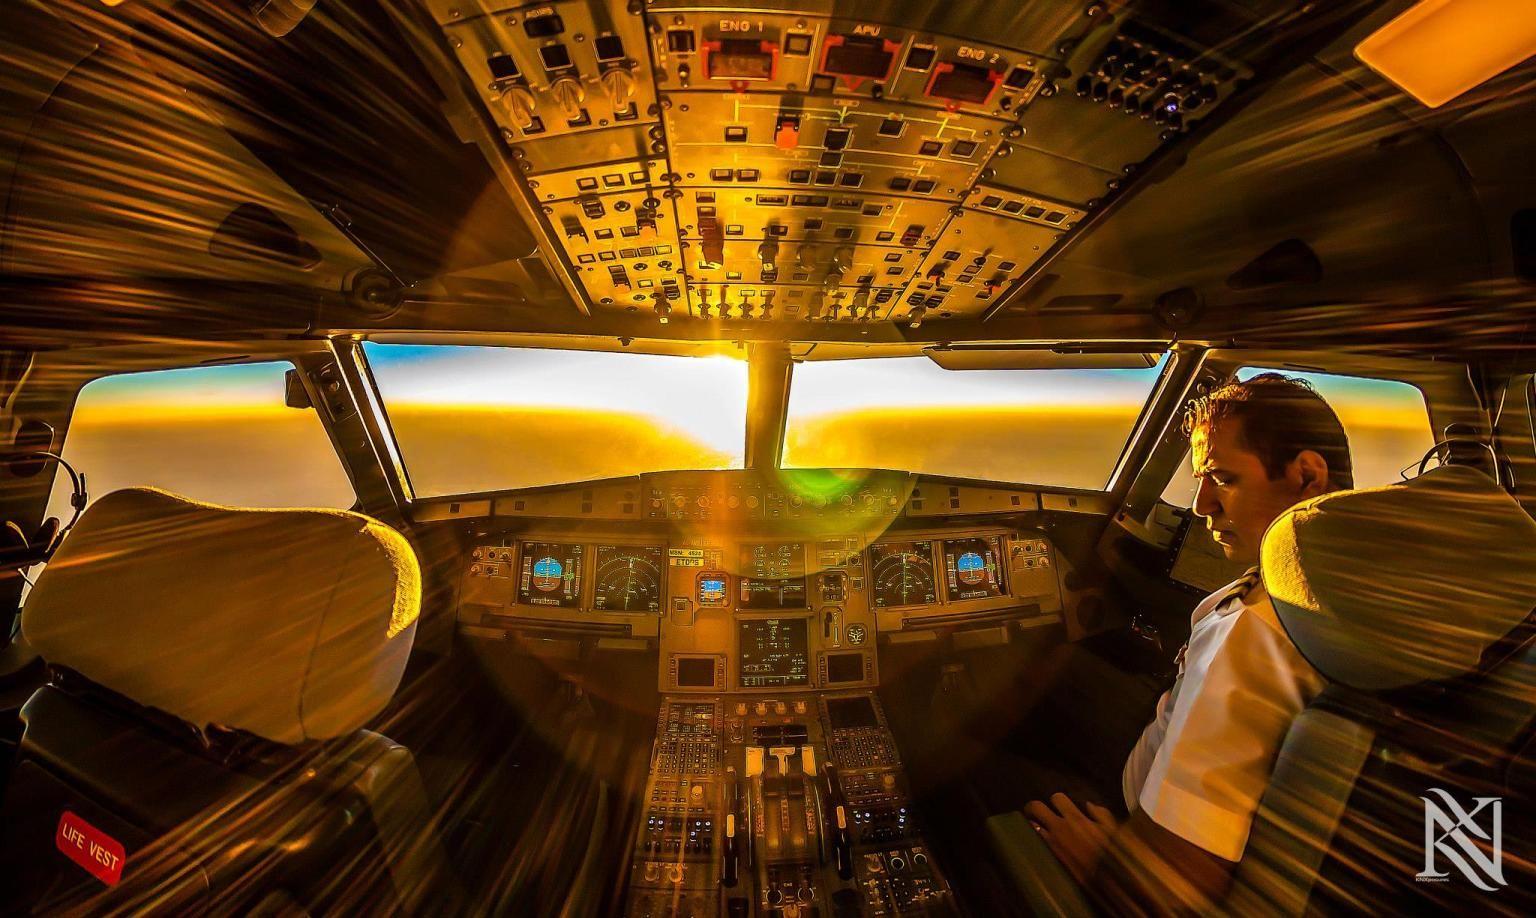 Karim Nafani Pilot Photographs Views From The Cockpit Photos